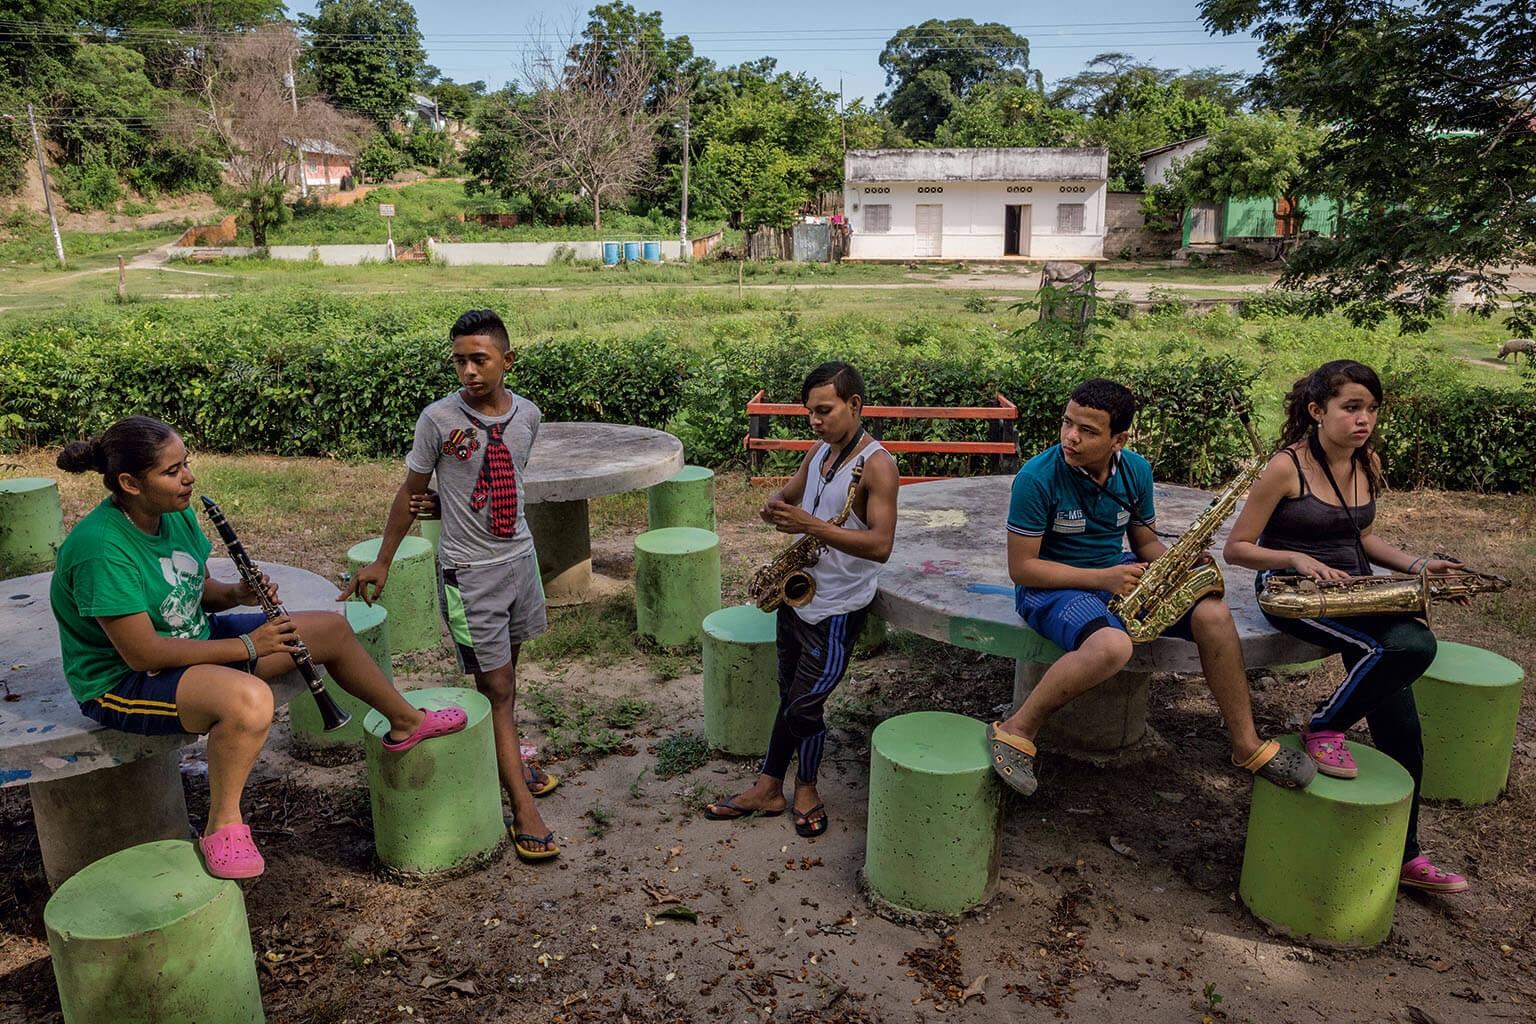 準軍事部隊在艾爾沙拉多鎮進行大屠殺的同時演奏音樂。今天,這些參加樂隊的學生用他們的音樂沖淡這段記憶。這些樂手的年紀介於7歲至23歲間,他們在當地公園練習,每週一次會有老師前來指導。 攝影:胡安.亞瑞唐多 Juan Arredondo